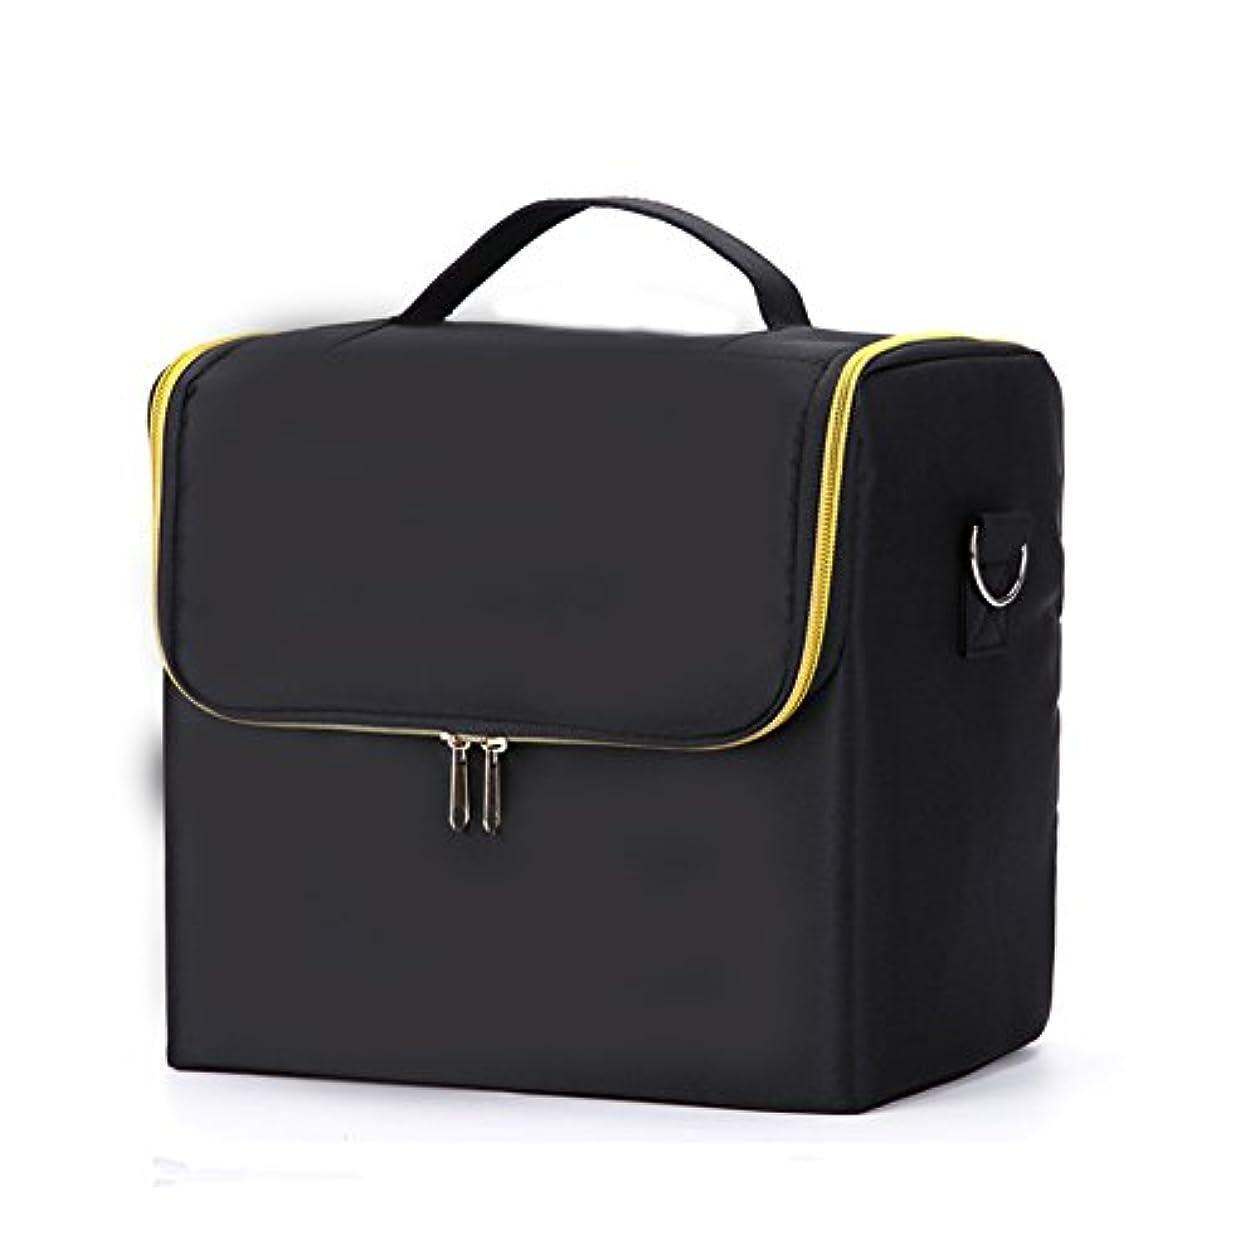 高齢者高齢者南西SIRIN メイクボックス コスメボックス 大容量 化粧品収納ボックス 収納ケース 小物入れ 大容量 取っ手付 4段階 4色 (ブラックⅡ)